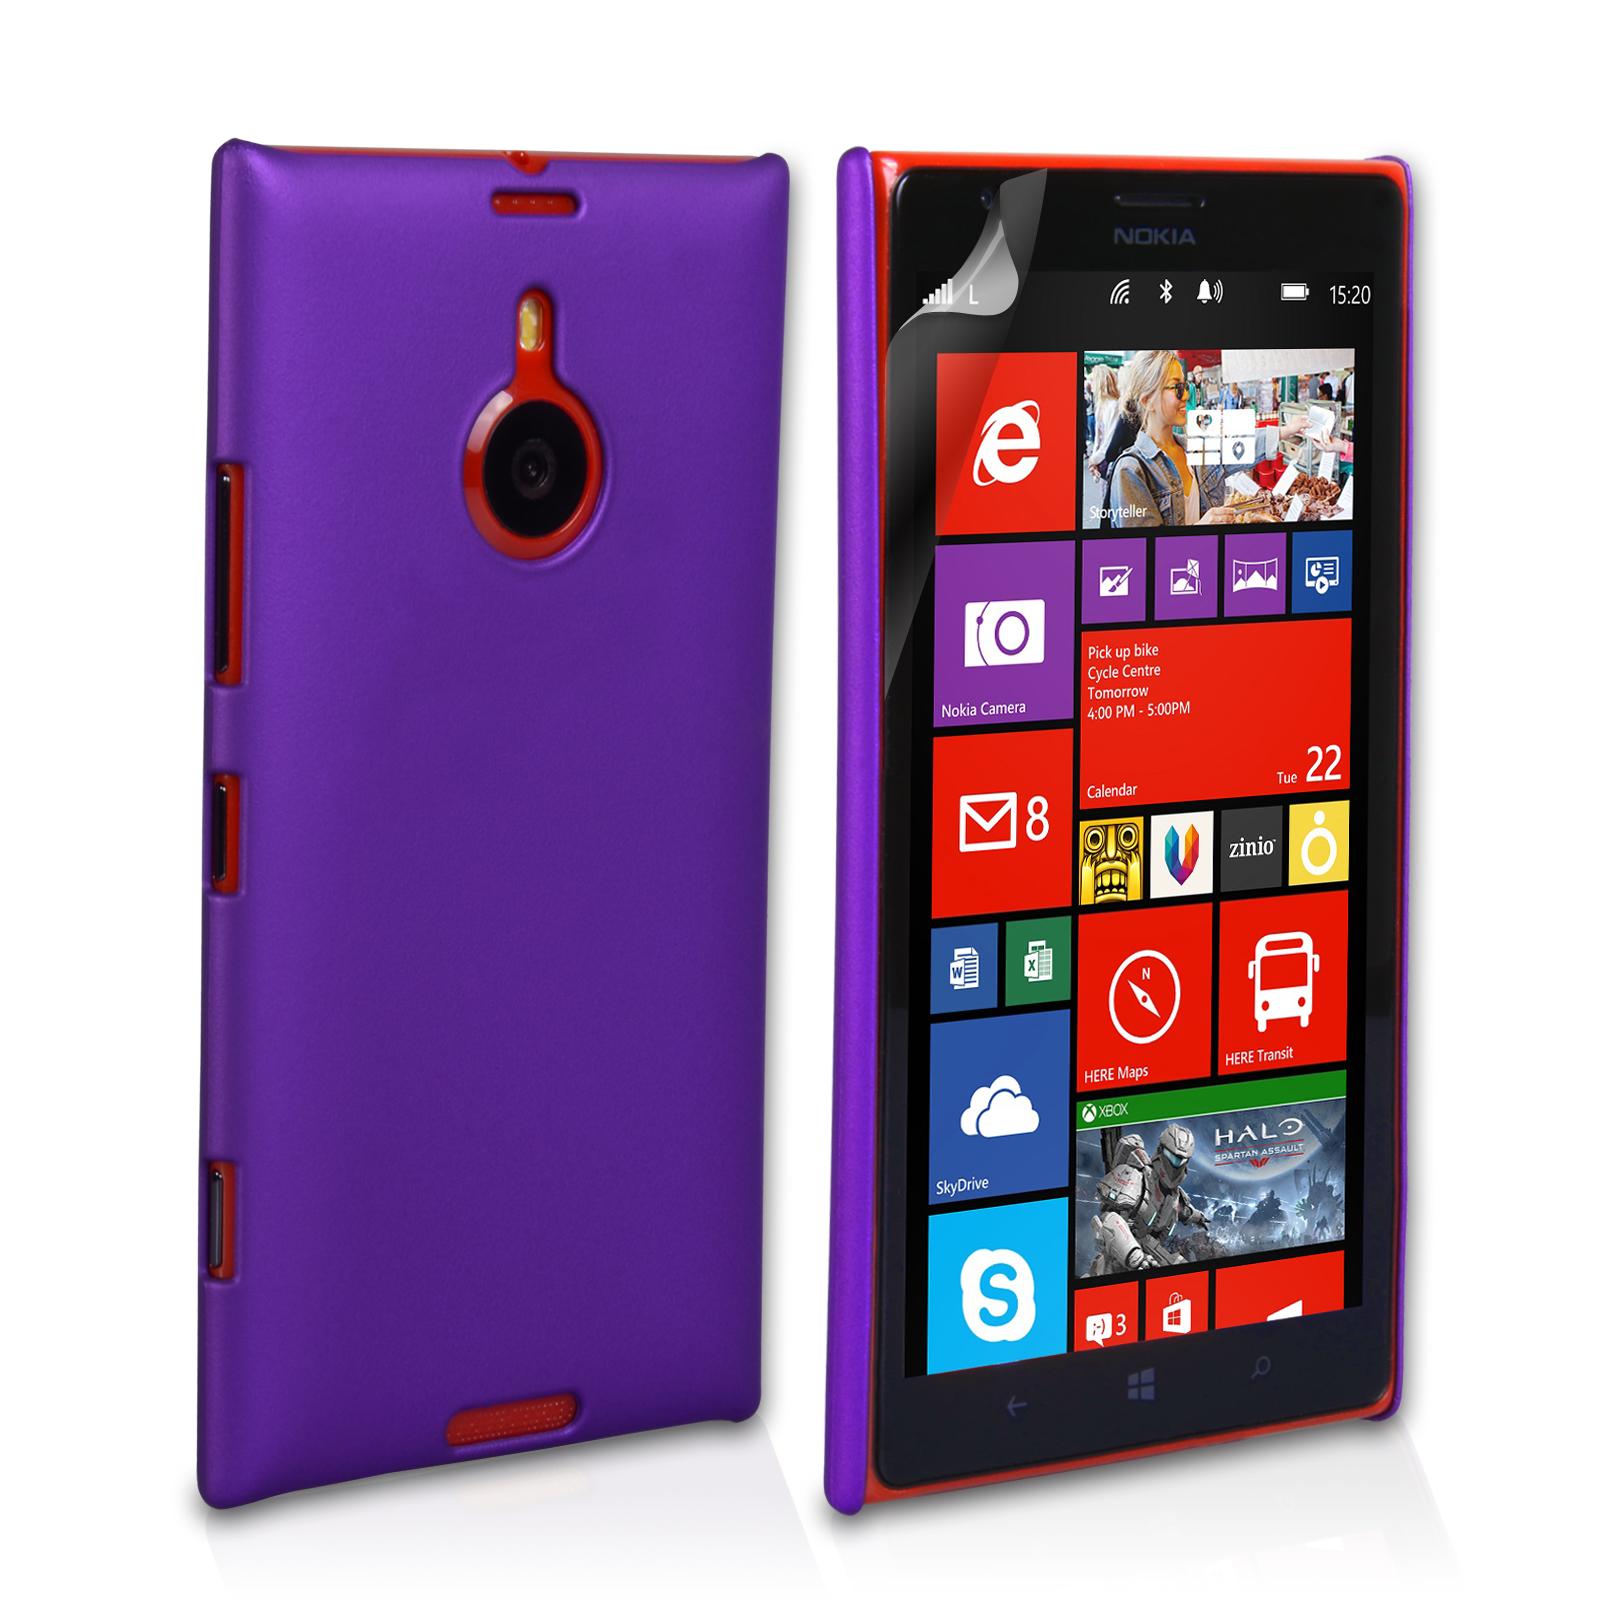 Θήκη Nokia Lumia 1520 by YouSave (Z642)